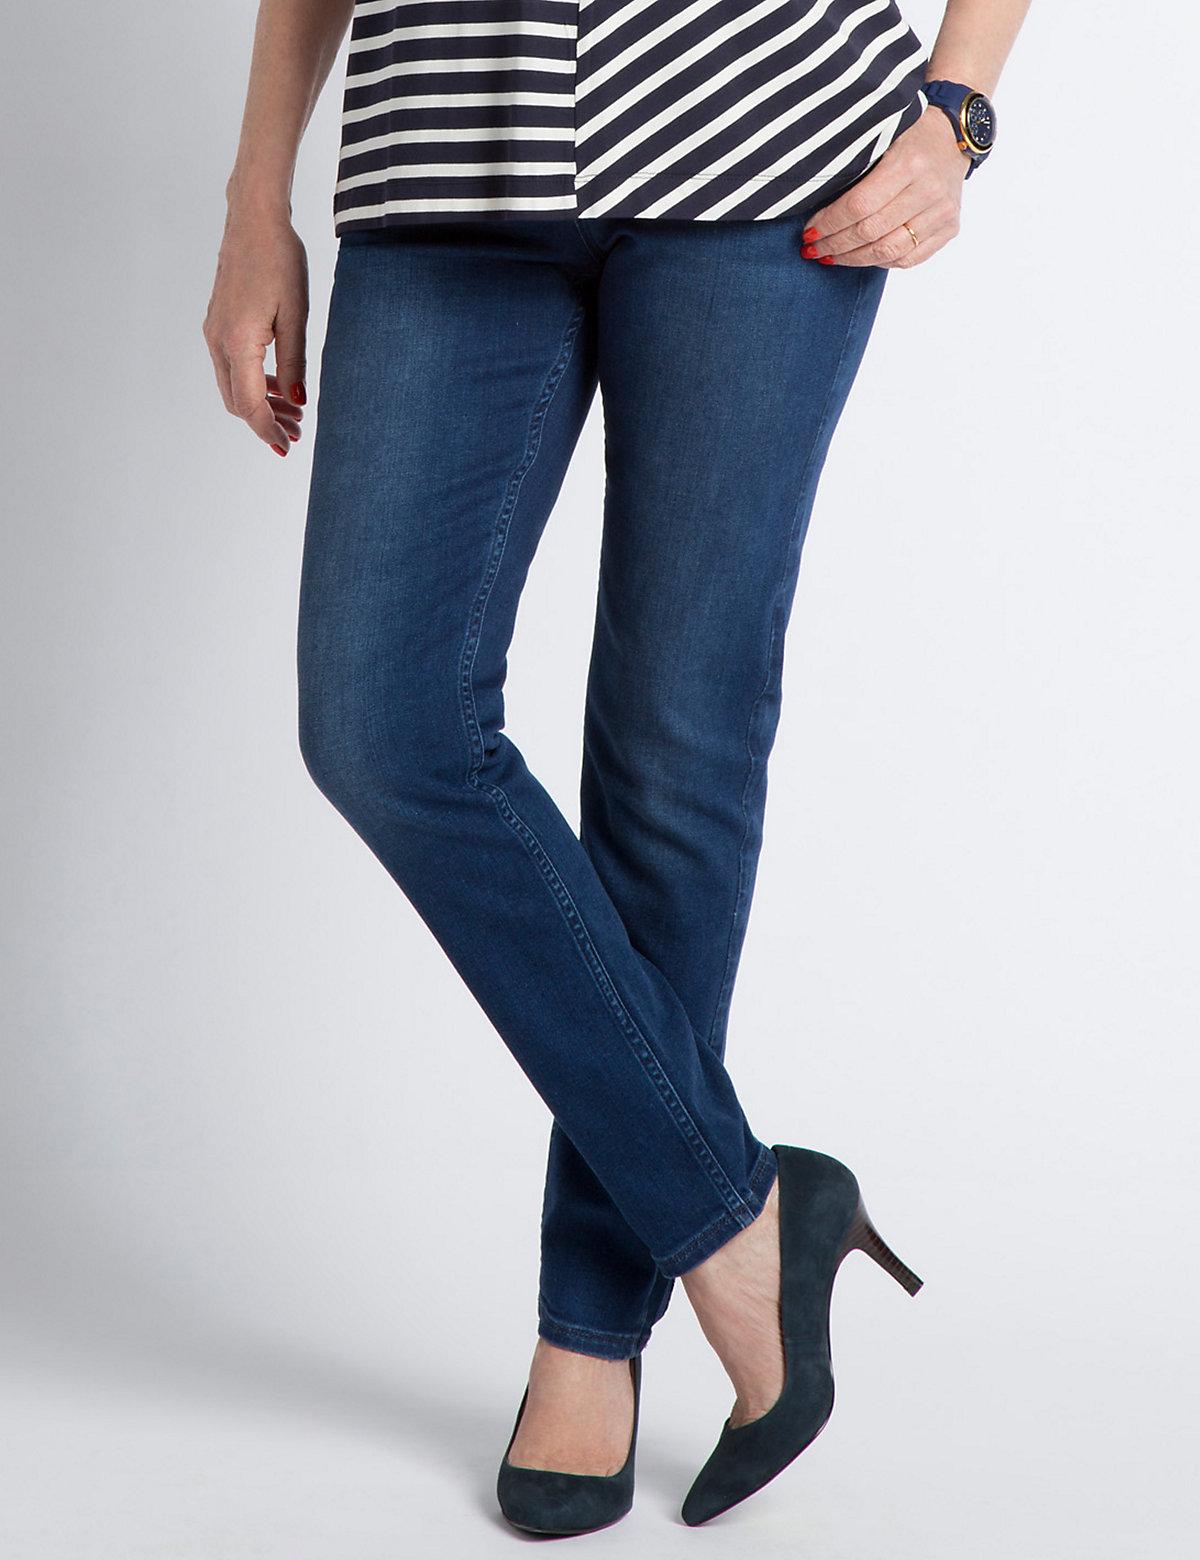 Twiggy Skinny Jeans